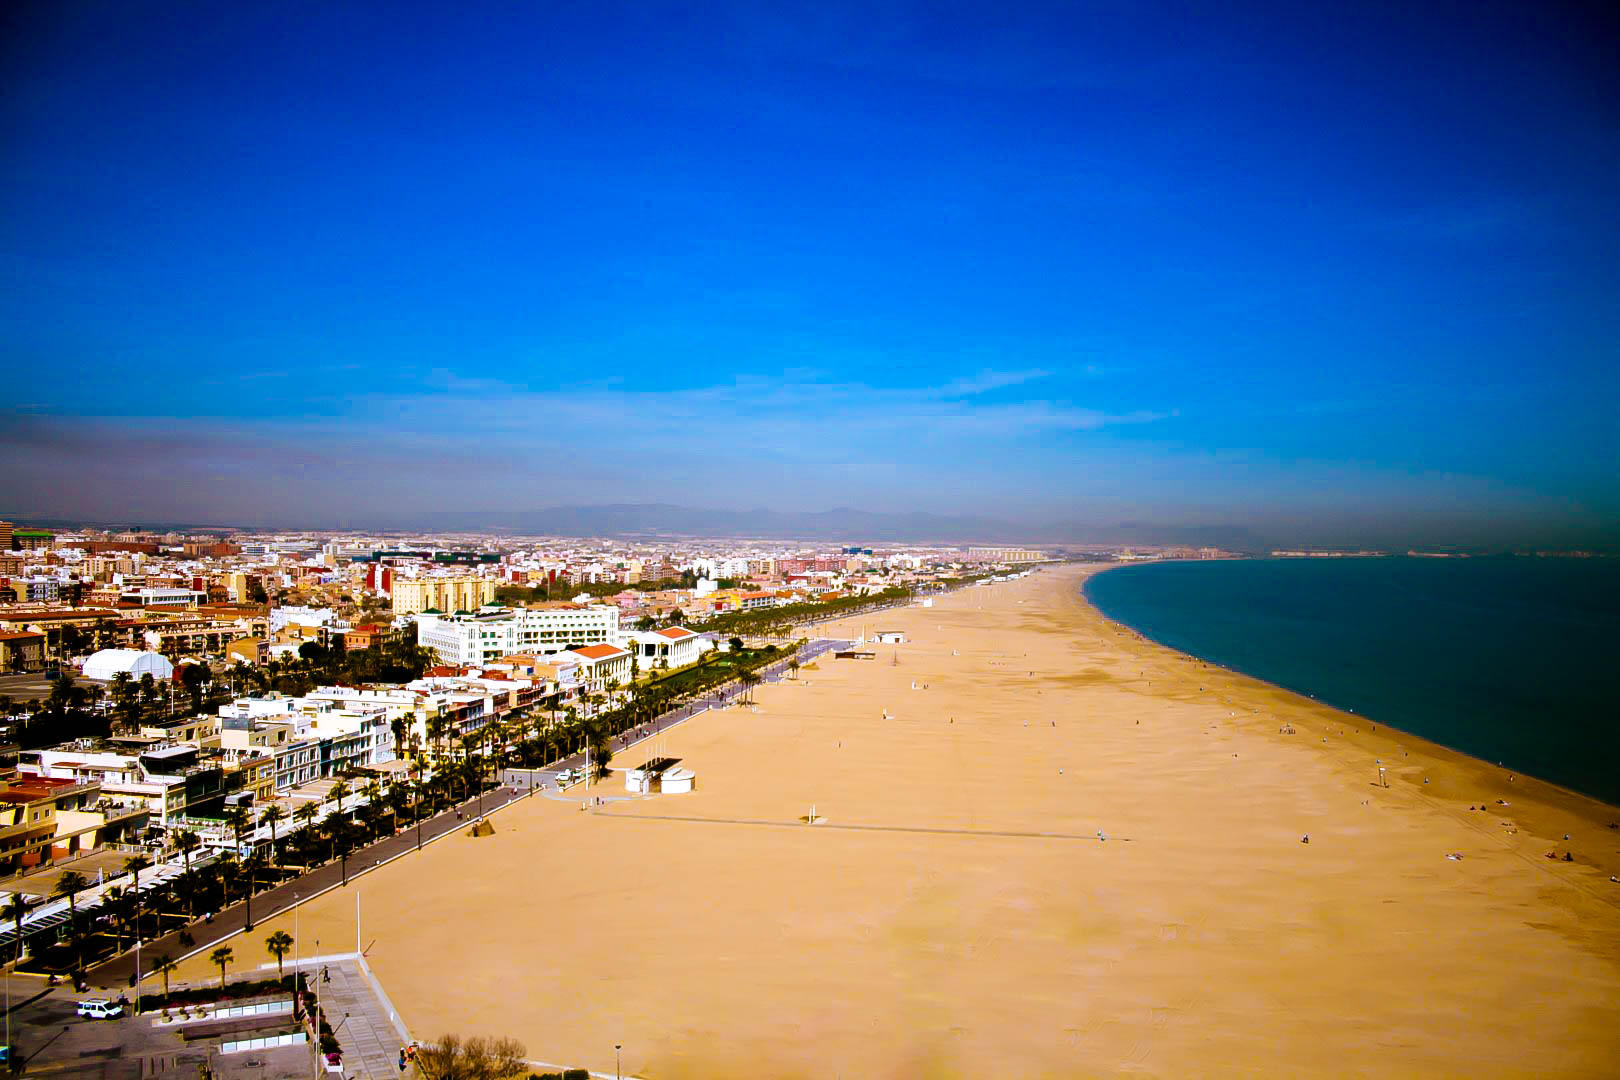 Valencia, dolce vita tra belle spiagge e squisite paellas